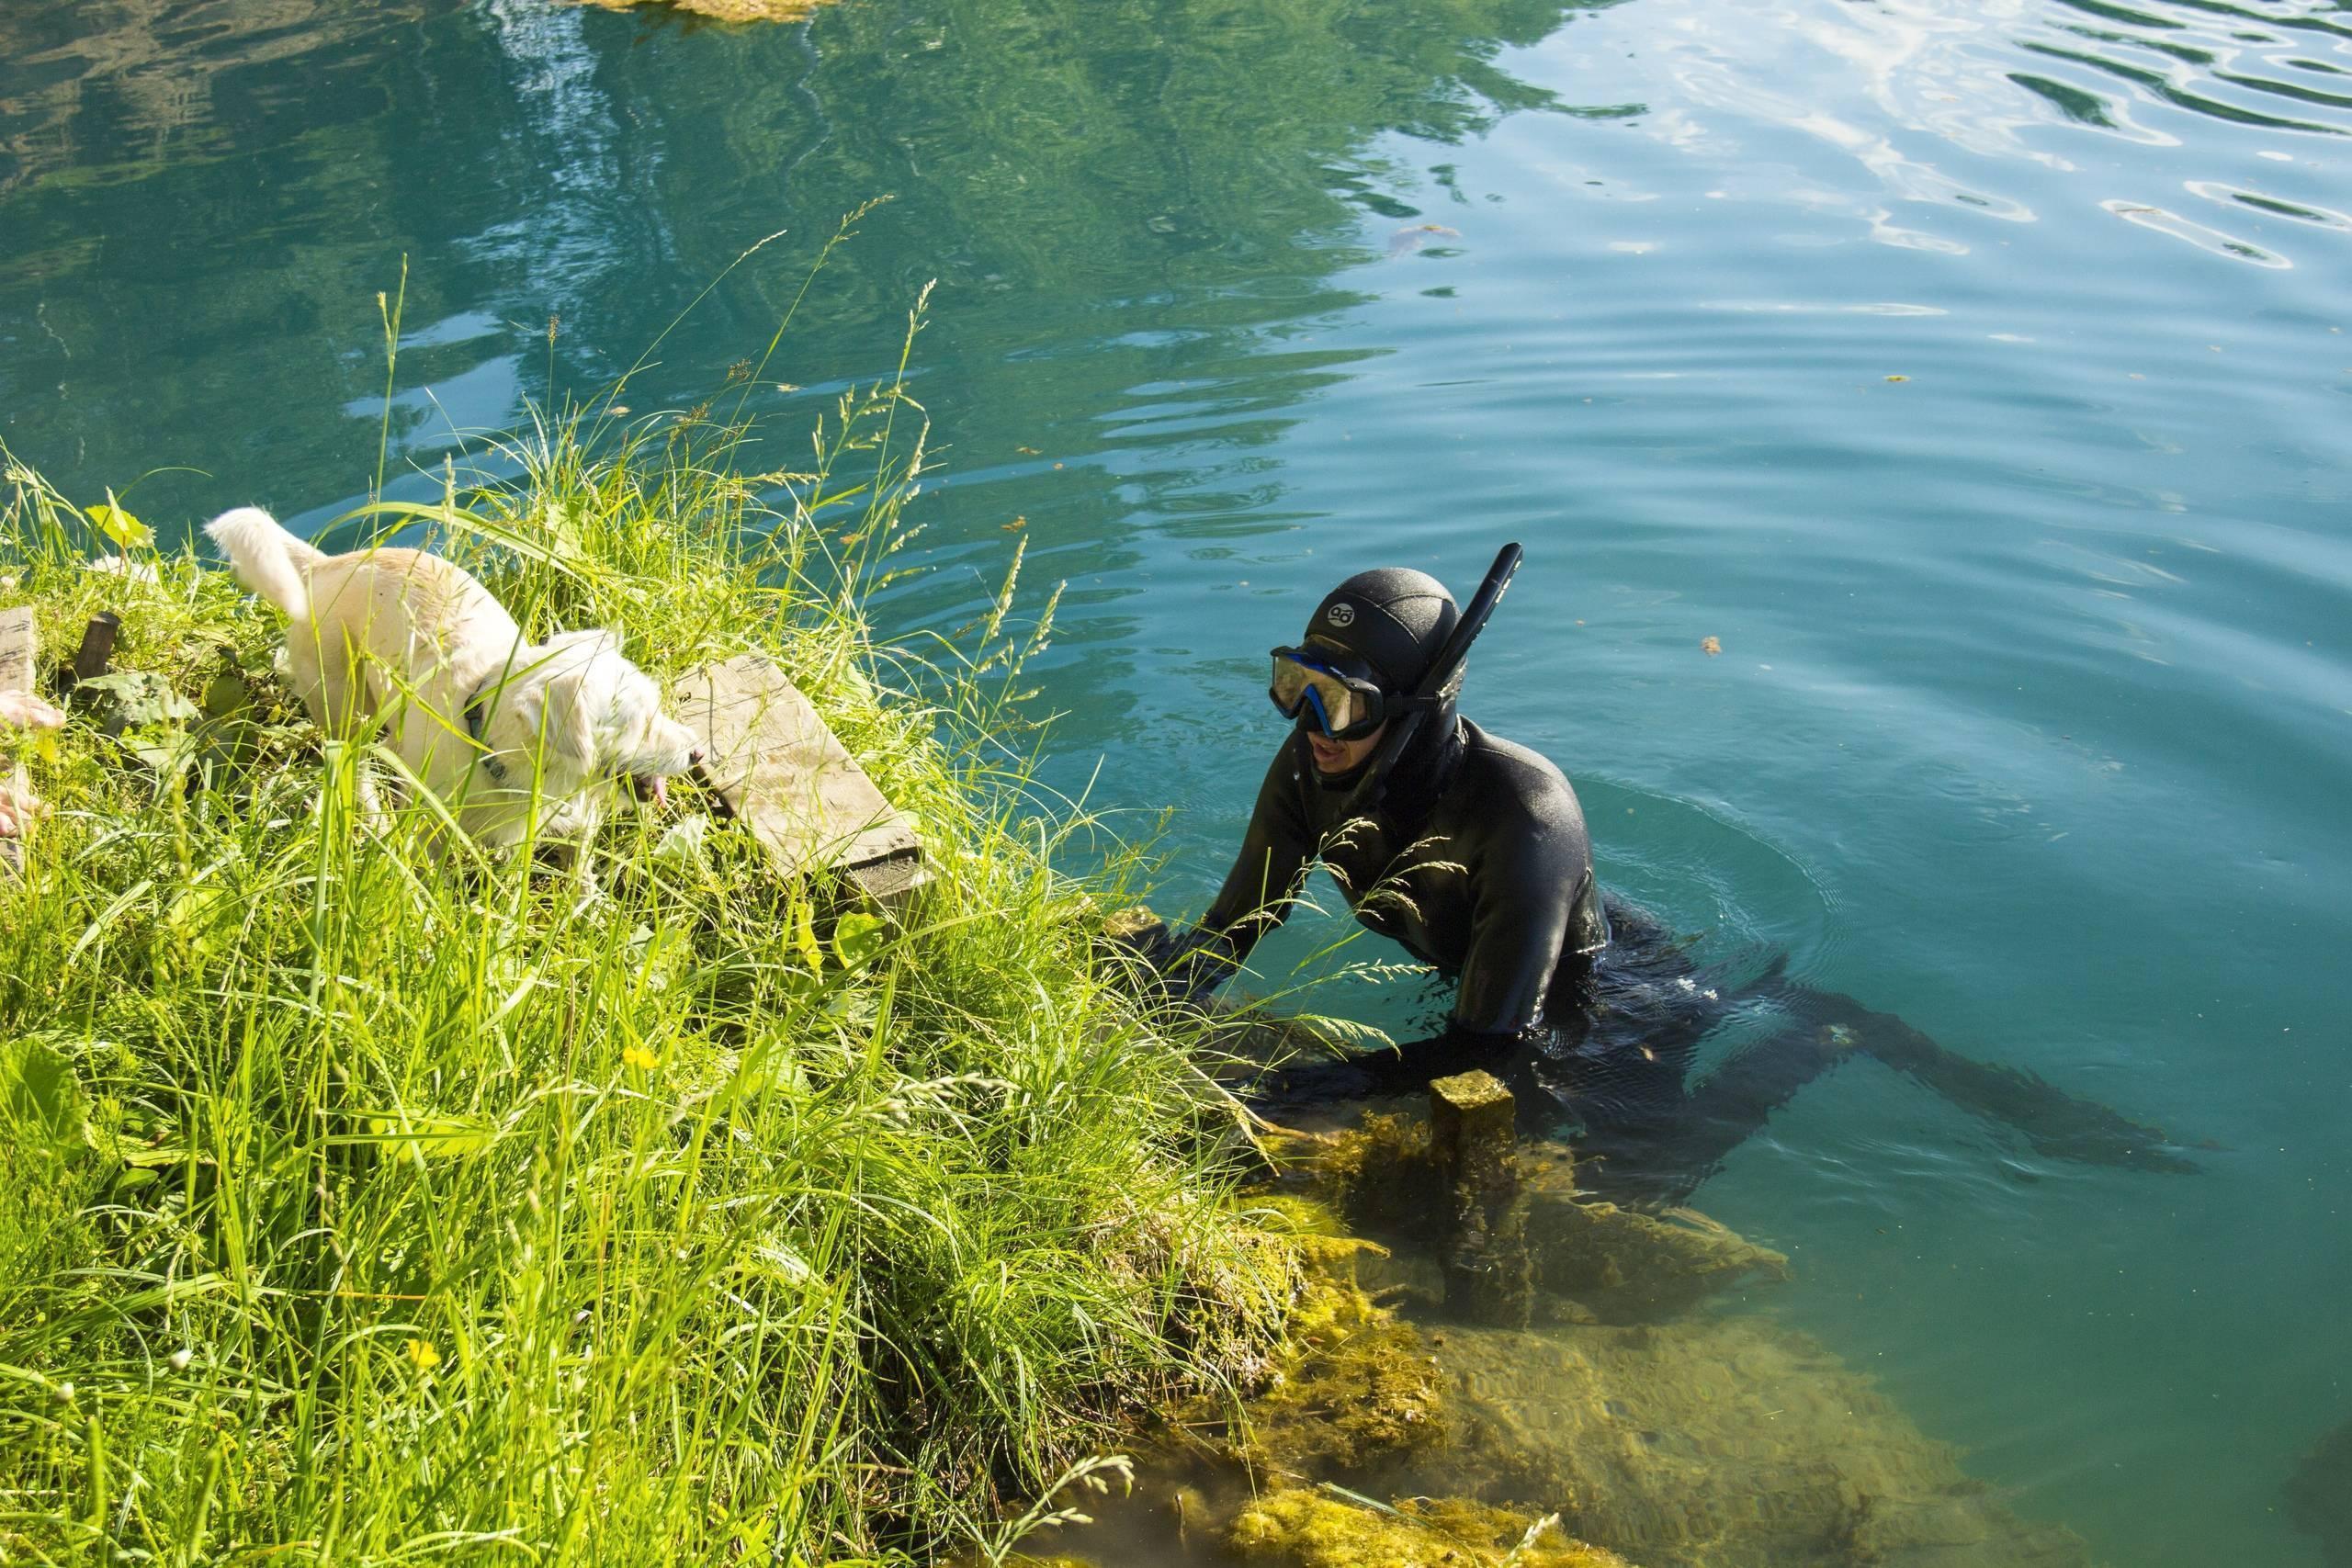 Затопленные анатольско-шиловские карьеры: описание, как добраться, фото